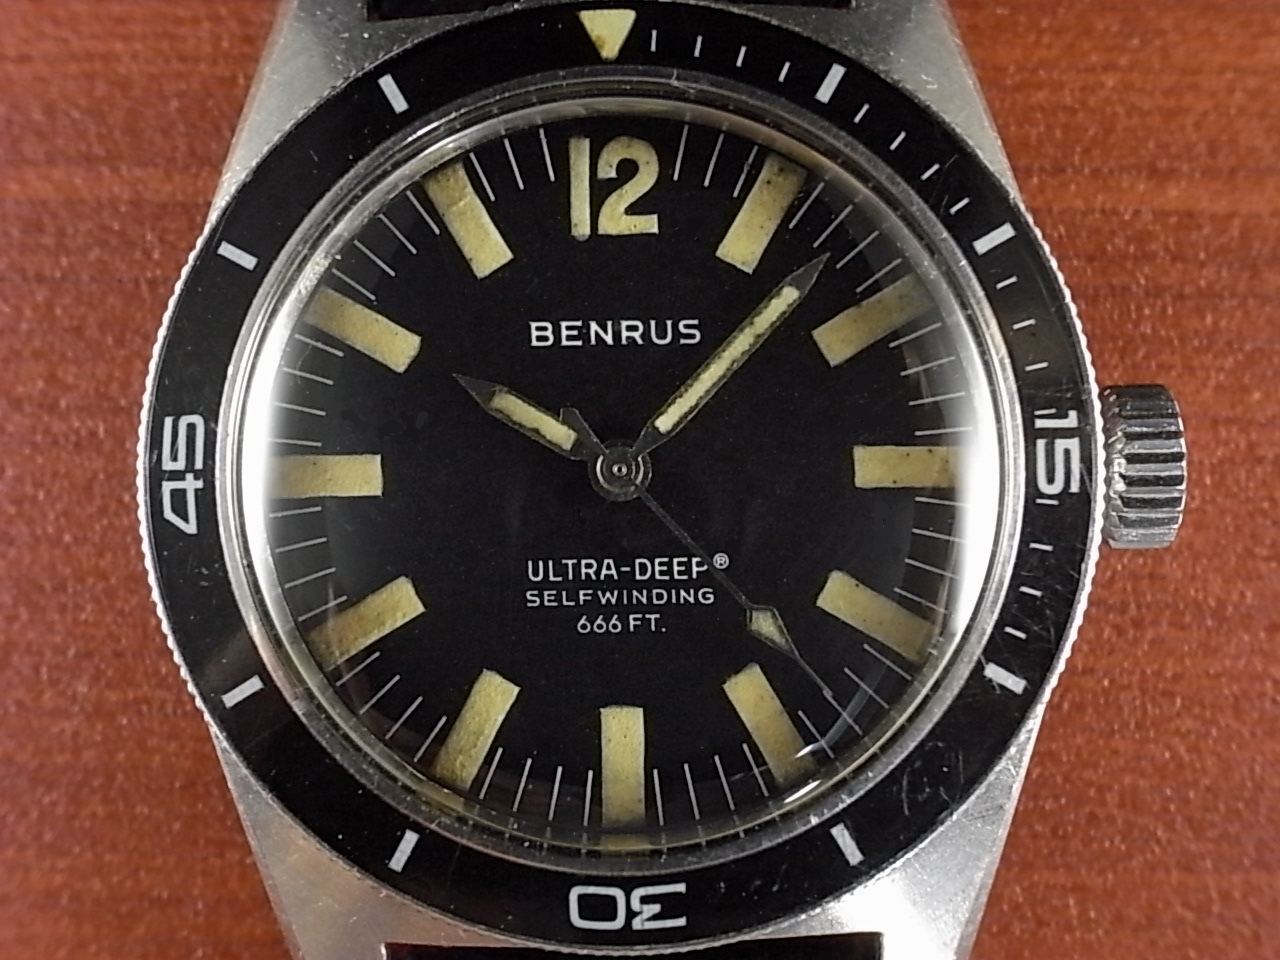 ベンラス ウルトラディープ ダイバーズウォッチ ワンピースケース 1970年代の写真2枚目